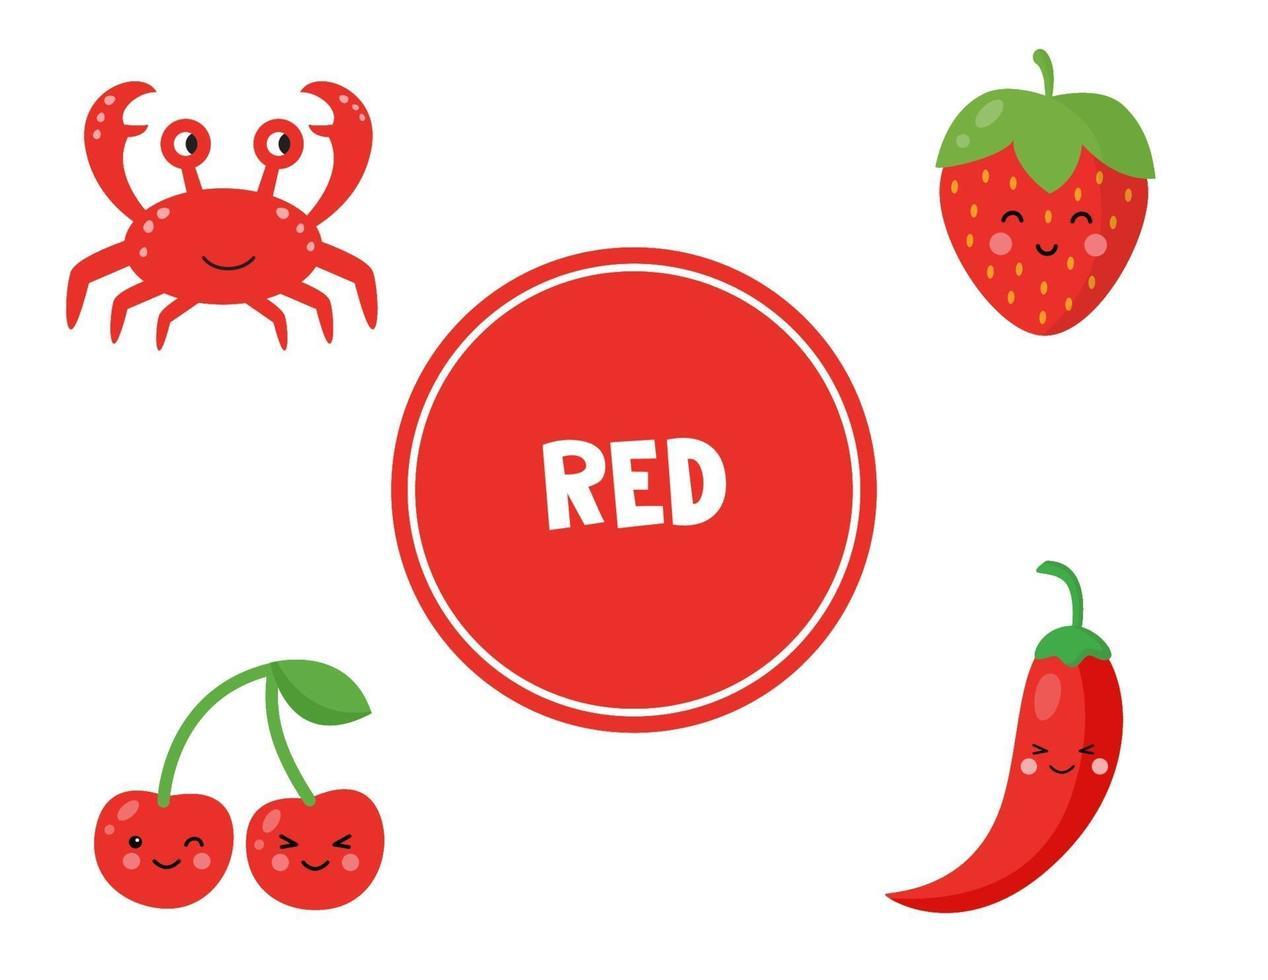 rode kleur leren voor kleuters. educatief werkblad. vector